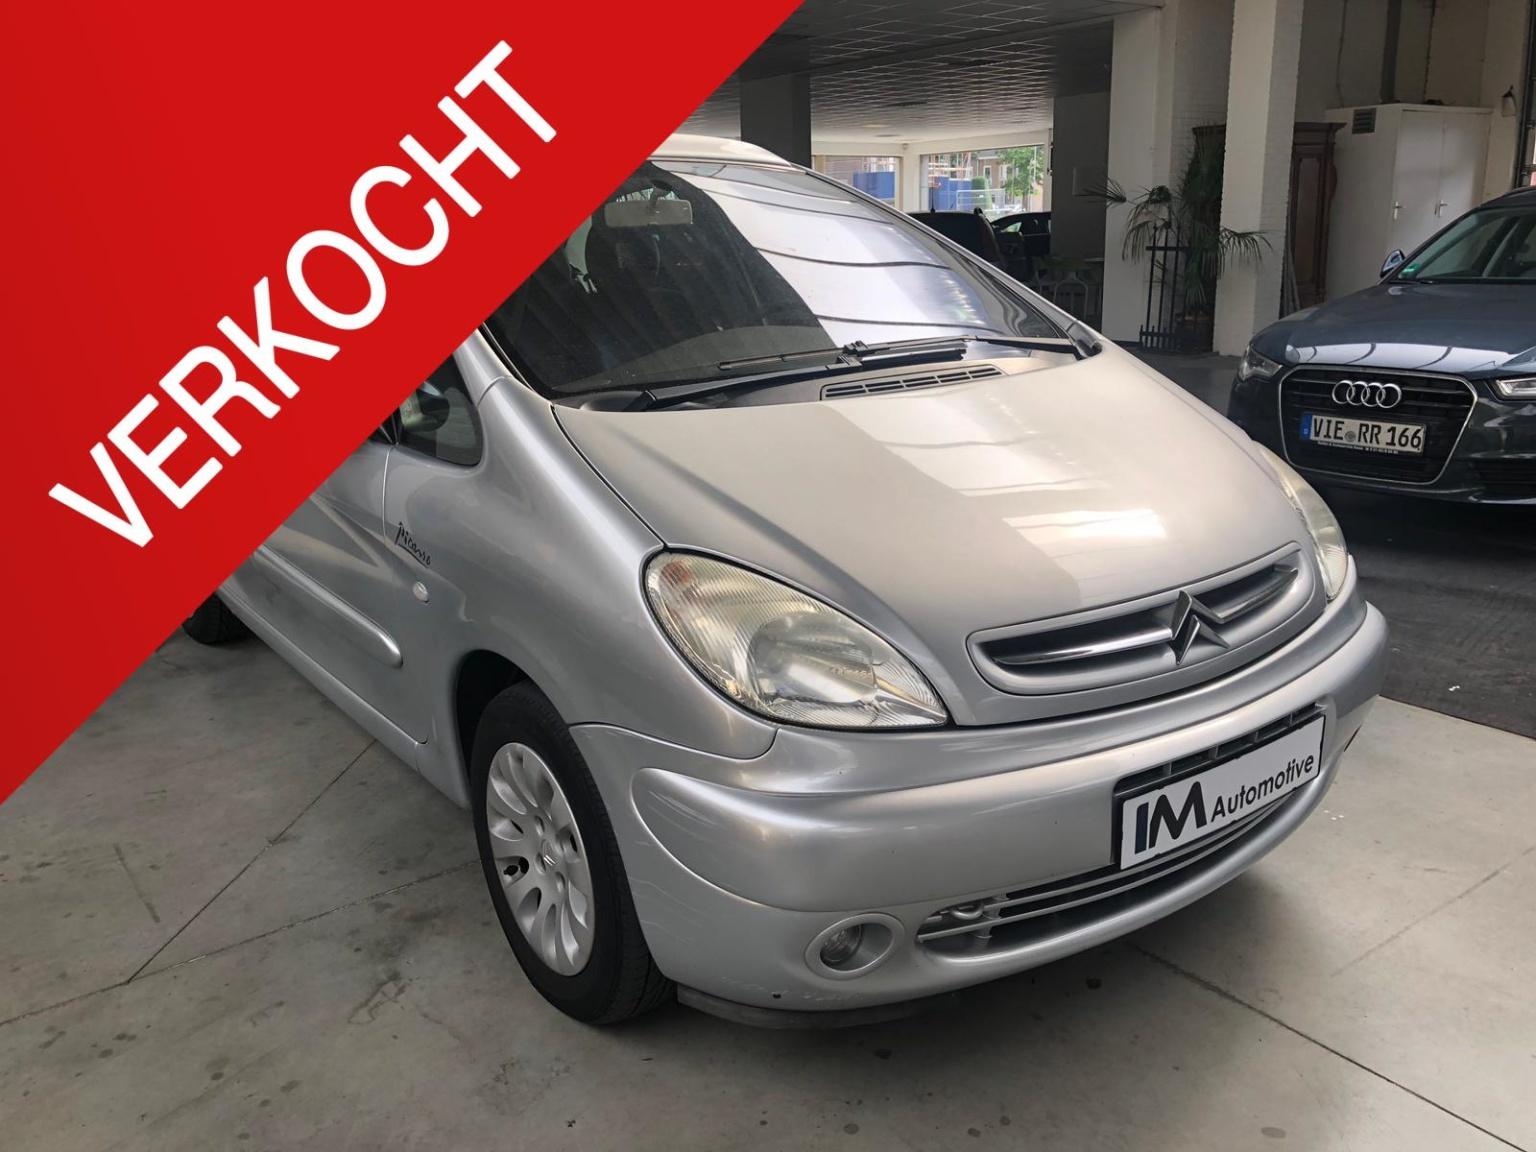 Citroën-Xsara Picasso-0